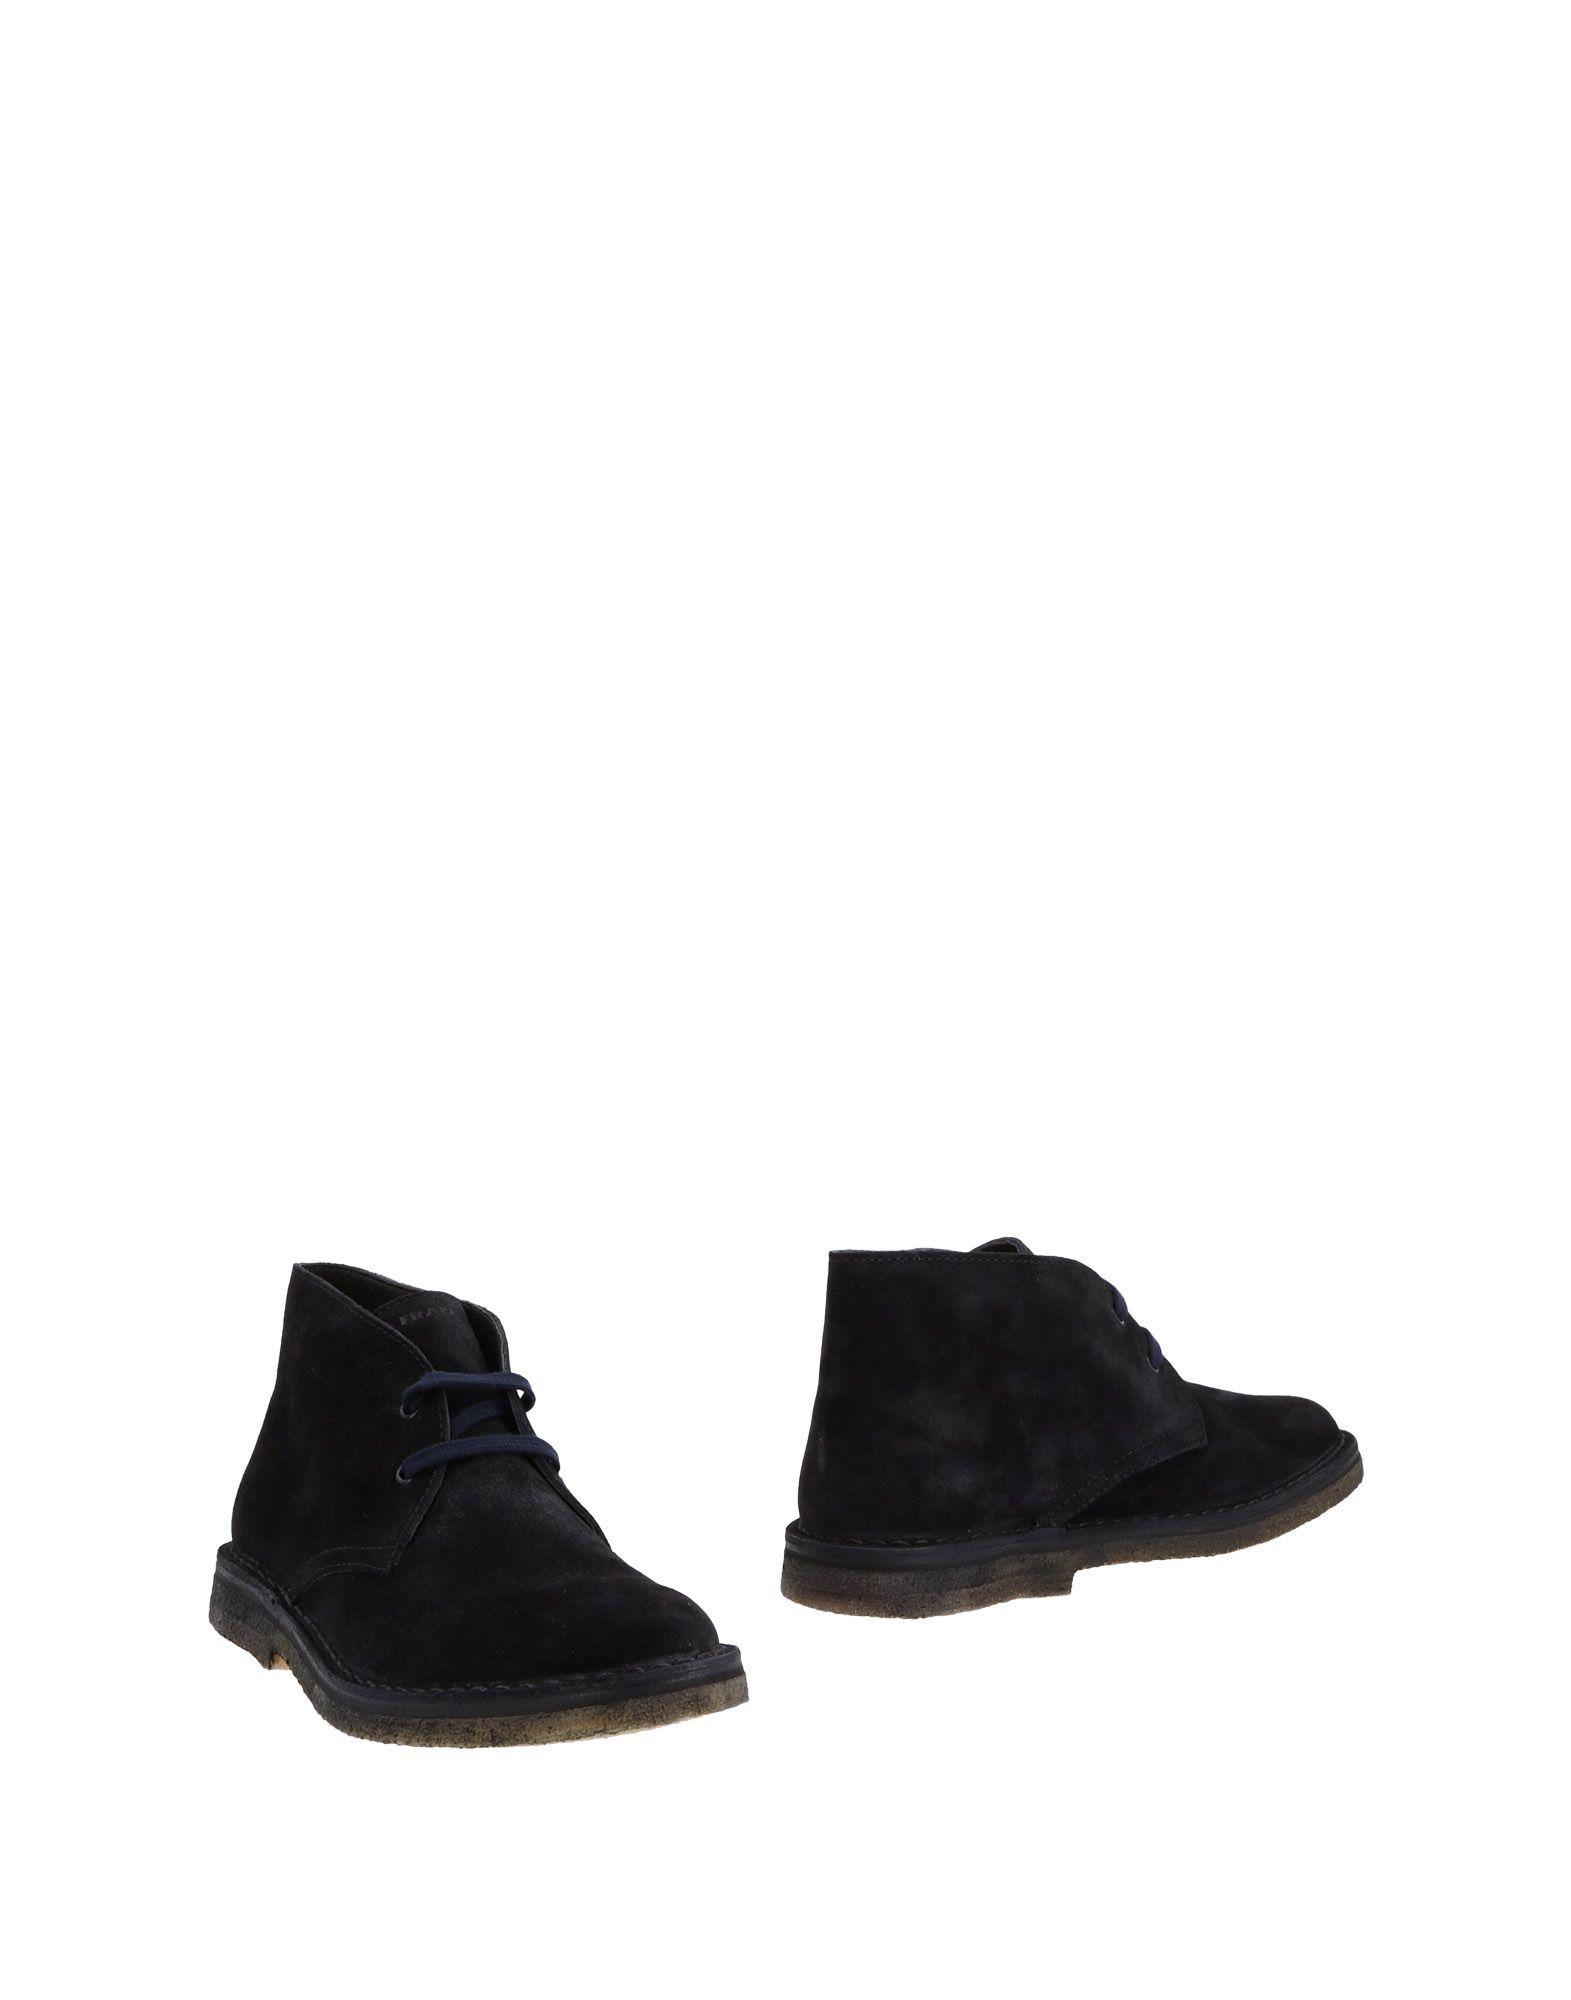 Rabatt echte Schuhe Frau Stiefelette Herren  11480551TE